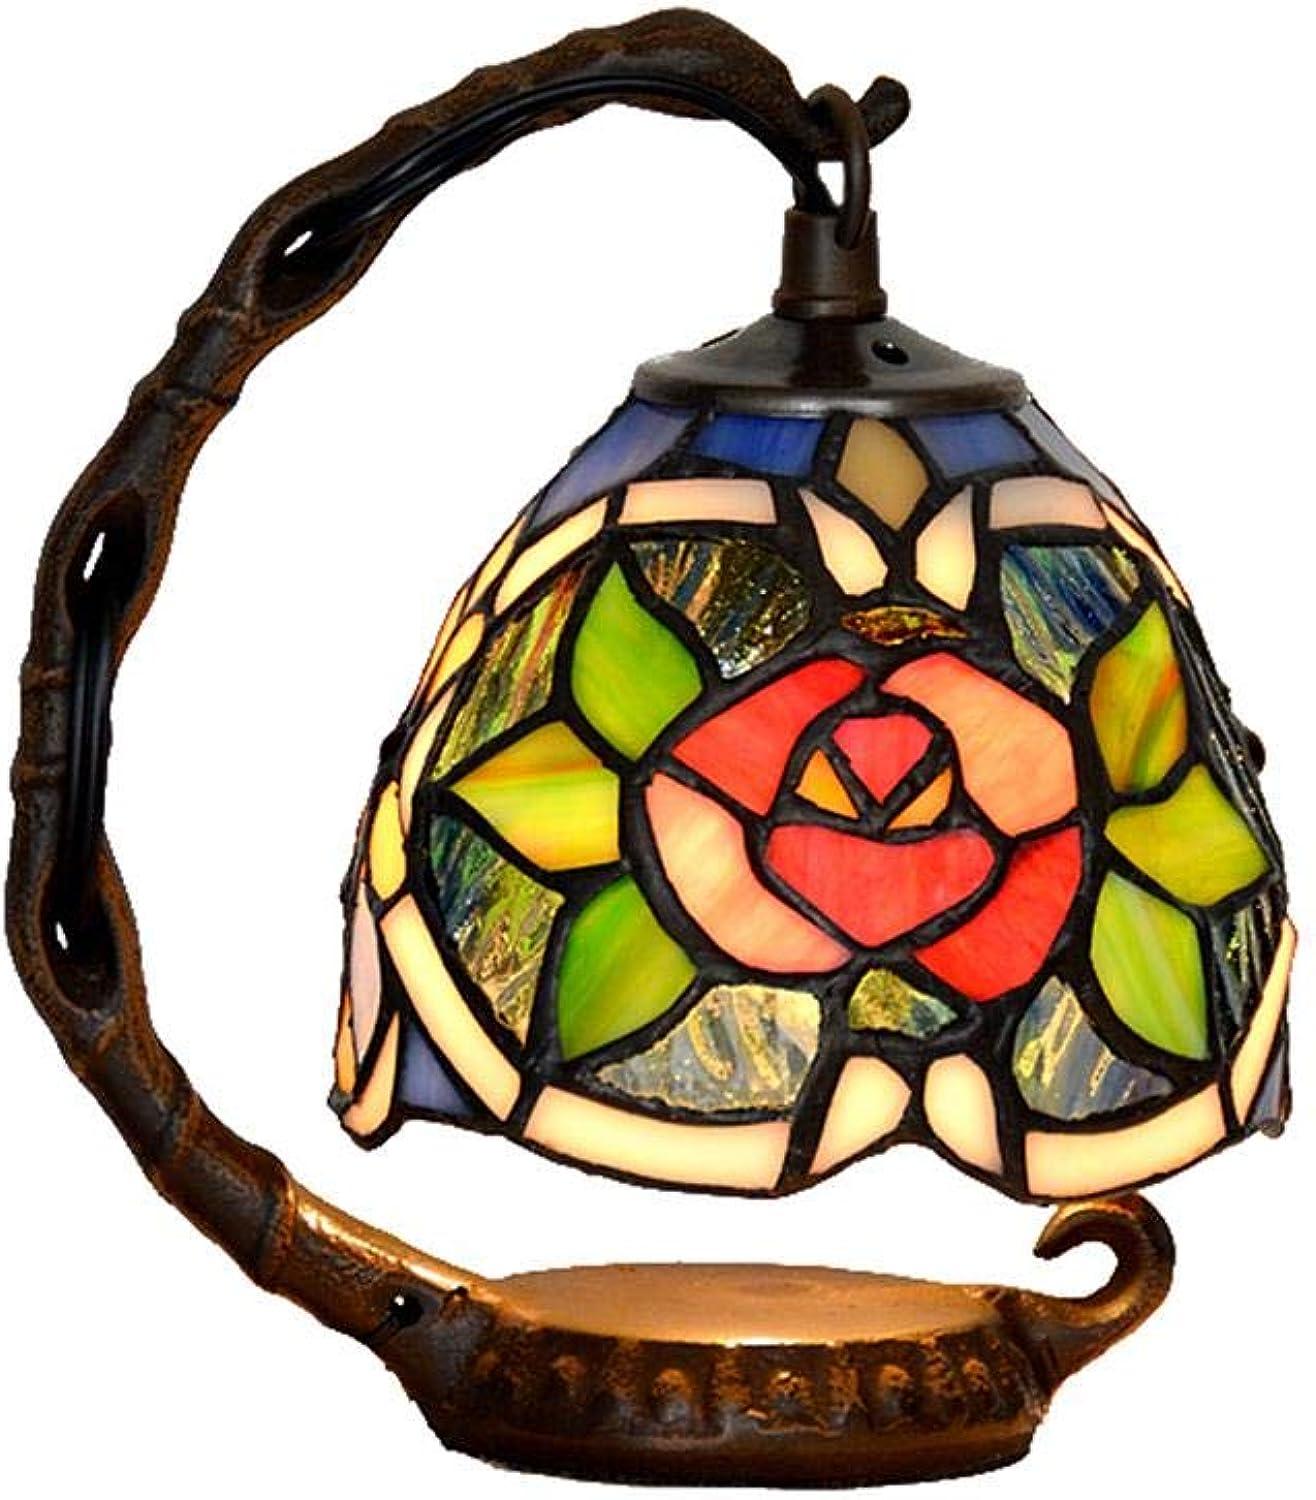 MEHE@ Bunte Blaumen-Retro Art-Buntglas-Tabellen-Lampen-Nachtlicht 15  20cm Schreibtischlampen Nachttischlampen (Farbe   Style 1)